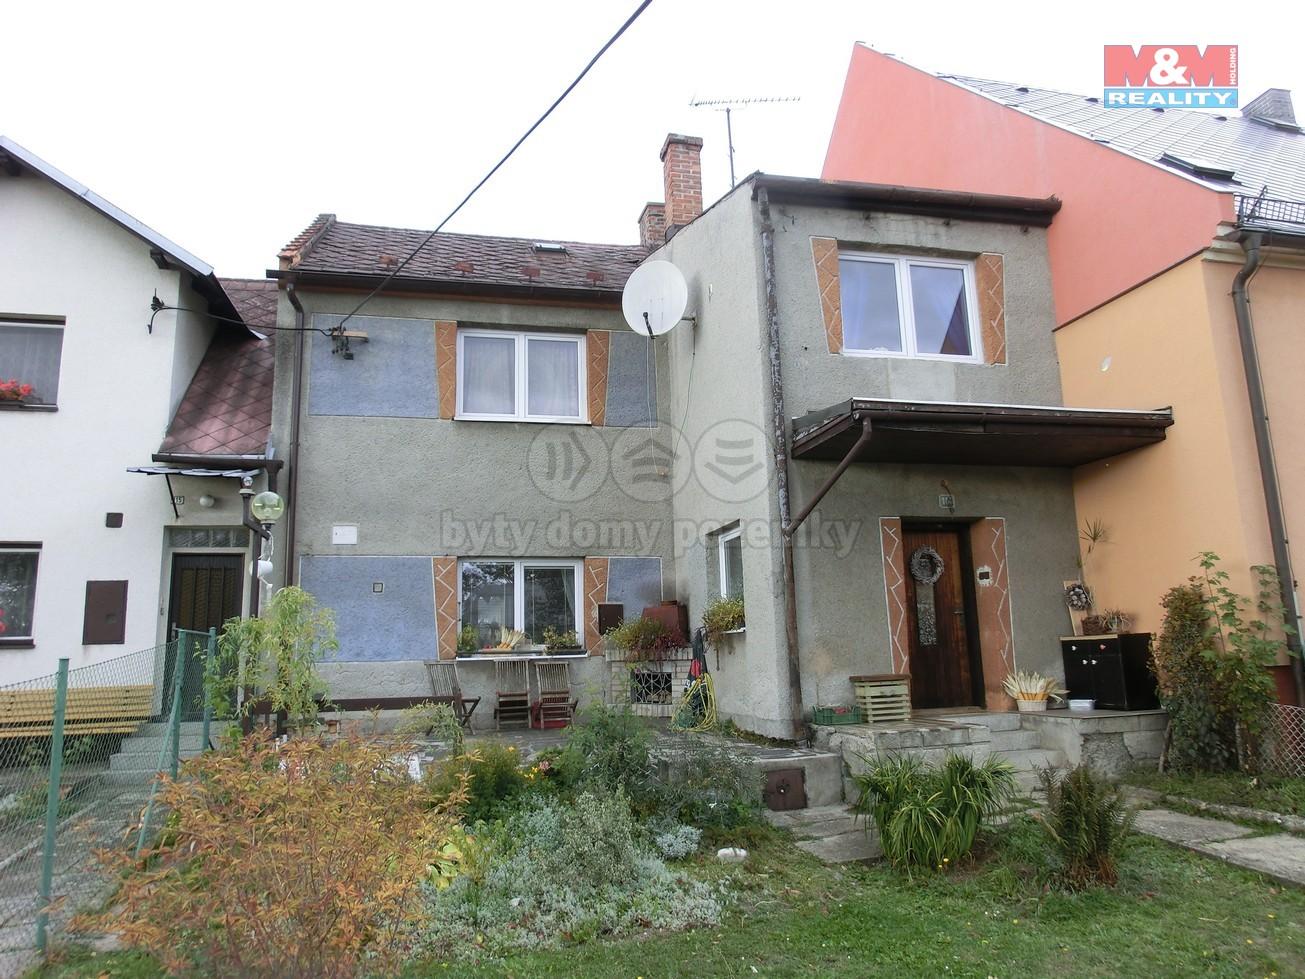 Prodej, rodinný dům, 120 m2, Slatina u Bílovce